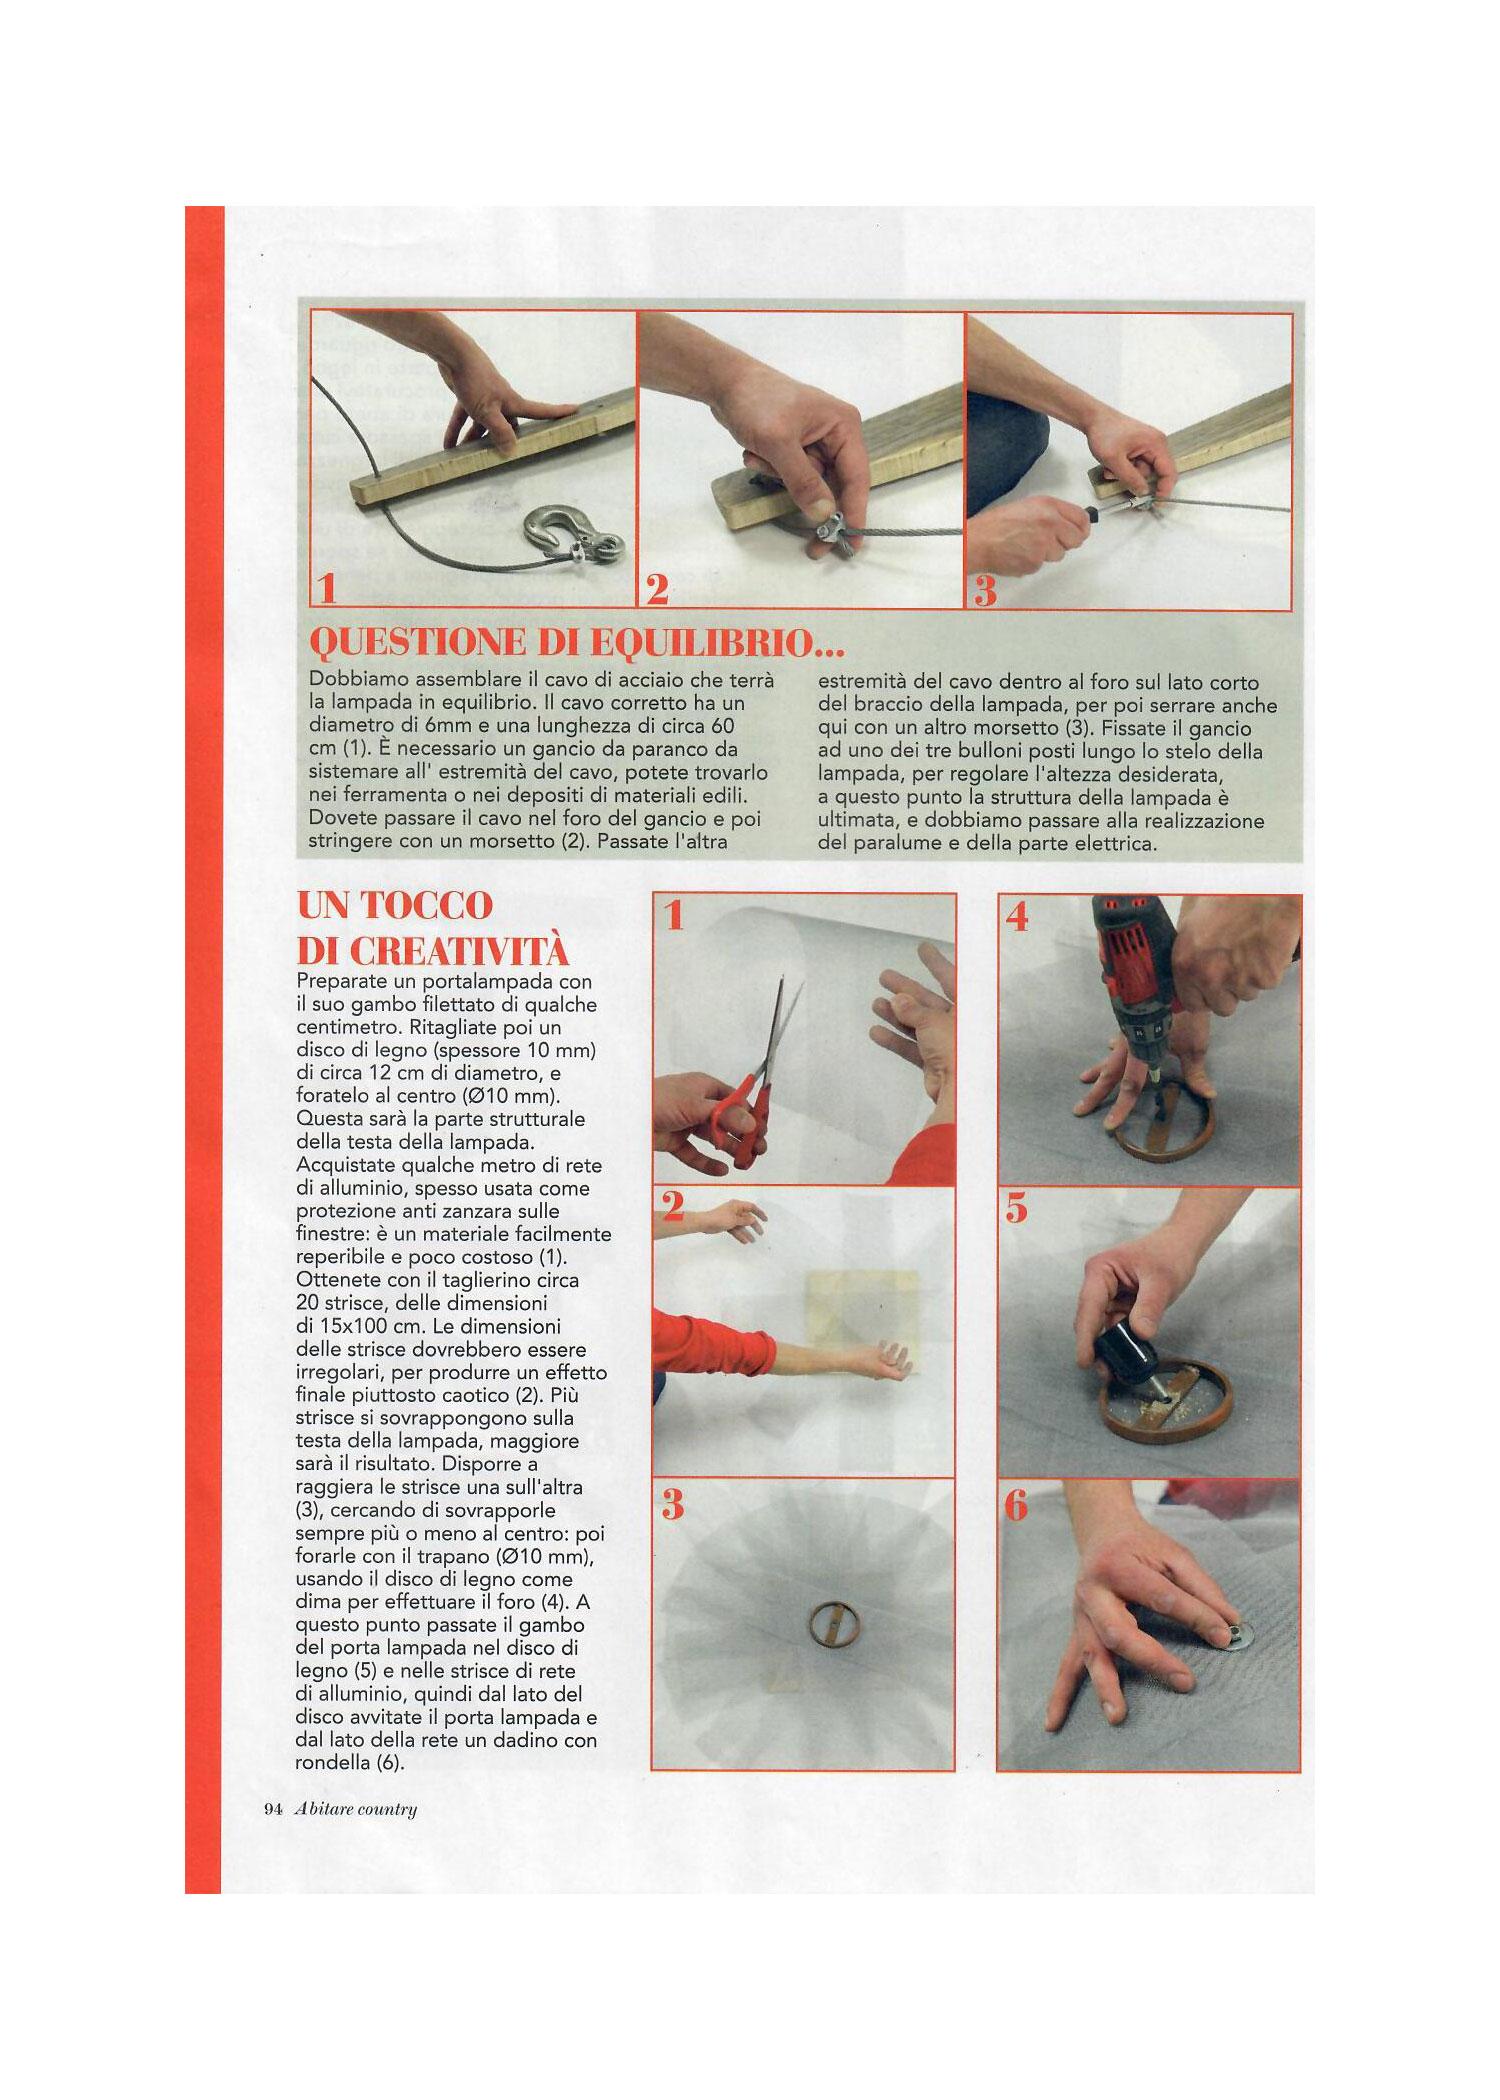 Laquercia21 pubblicazione Abitare Country come costruire una lampada